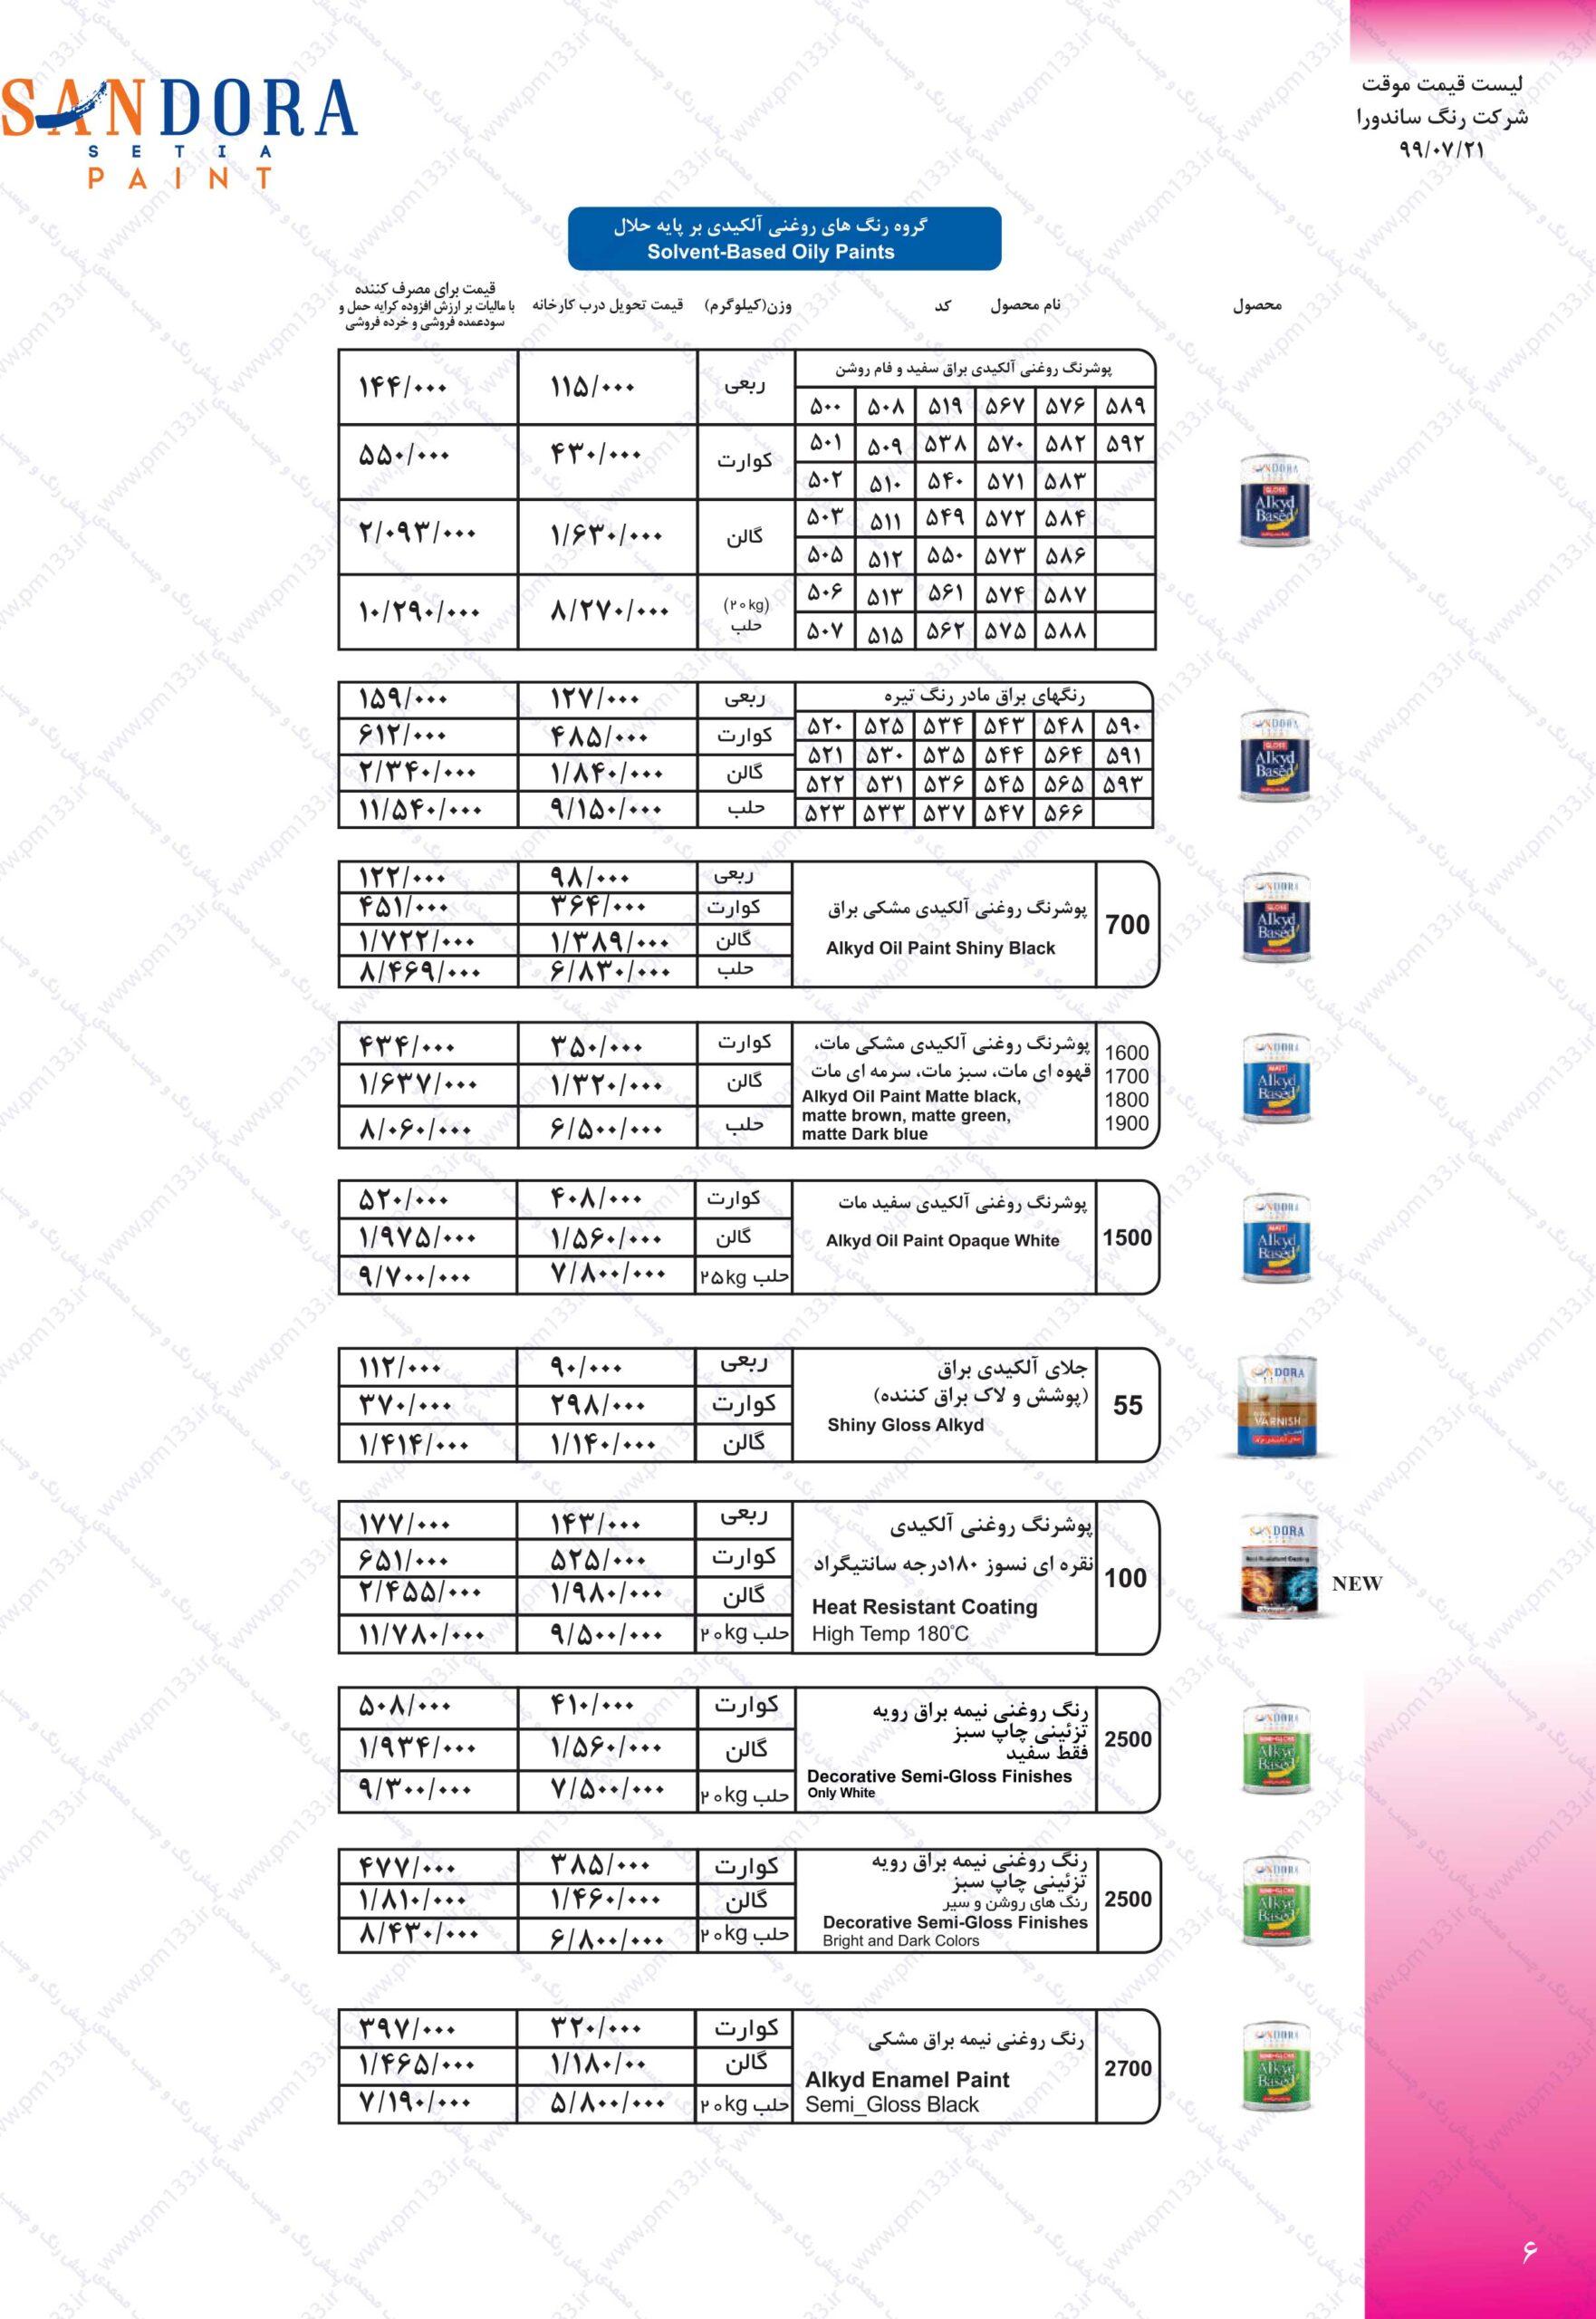 ساندورا لیست قیمت رنگ ساندورا21-07-99 صفحه ششم